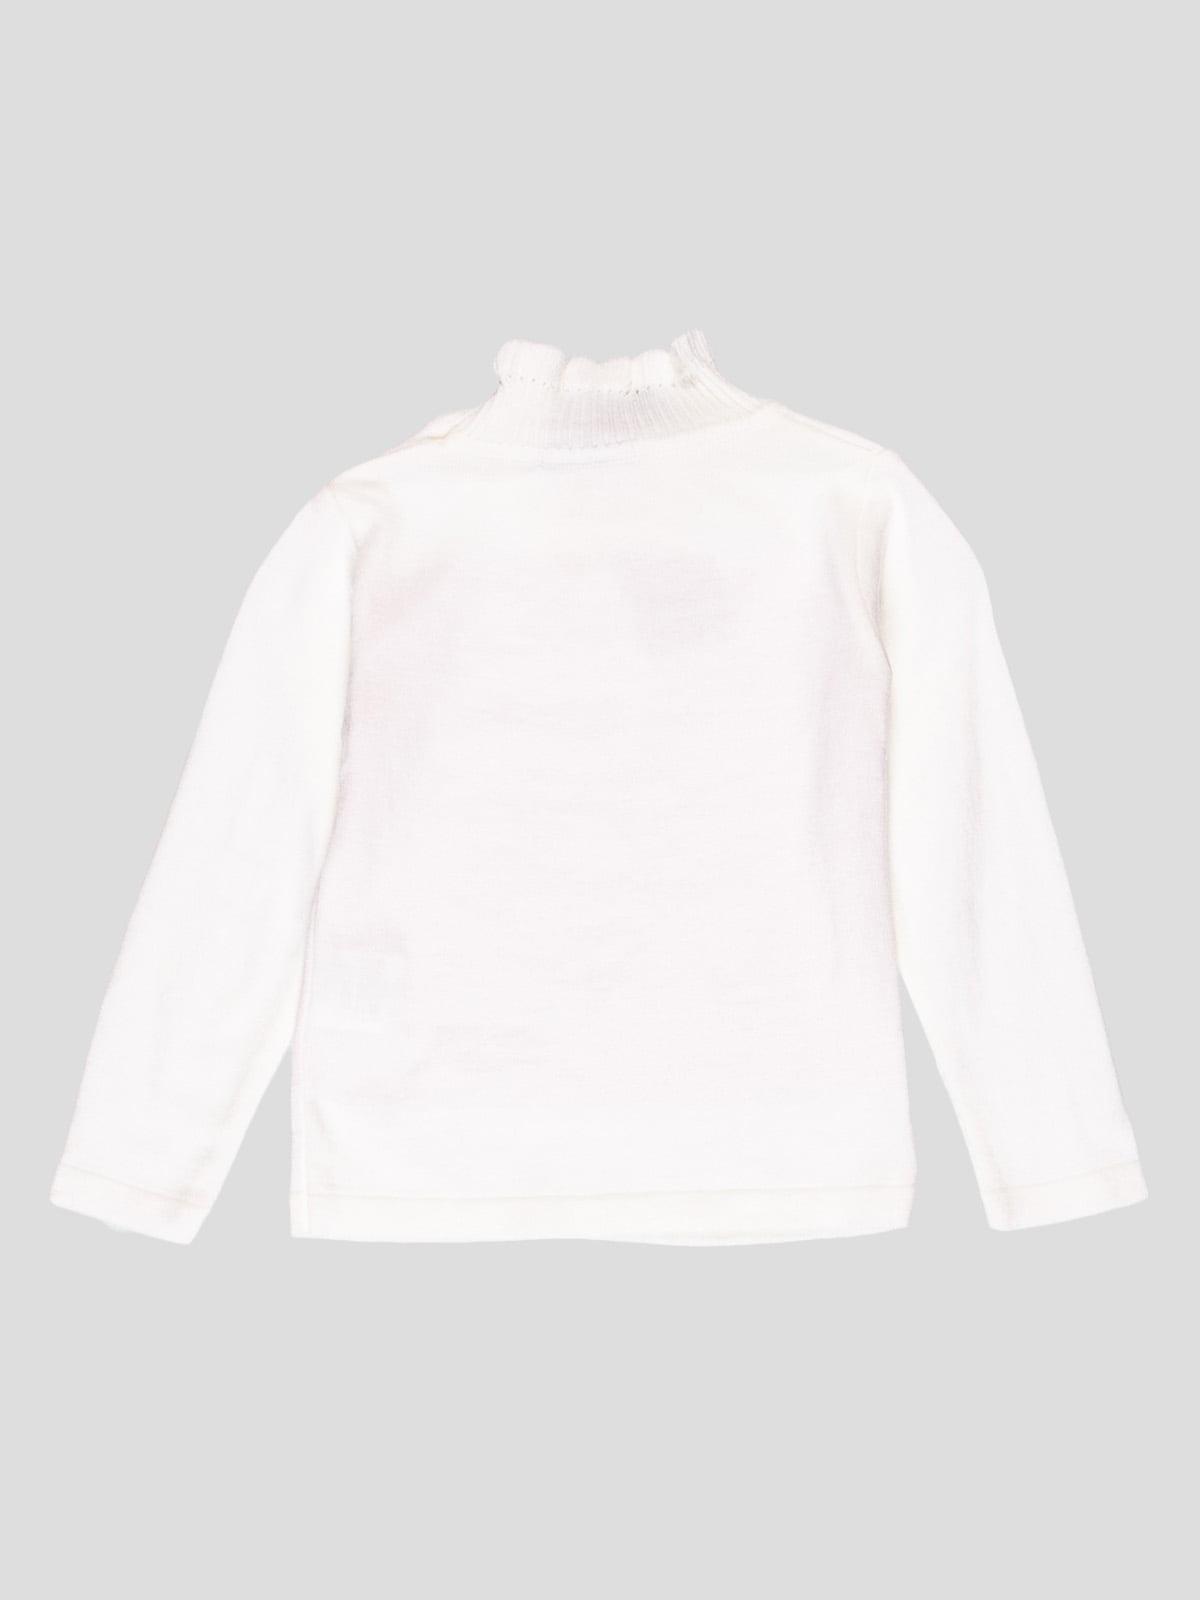 Джемпер білий з декором | 4397756 | фото 2